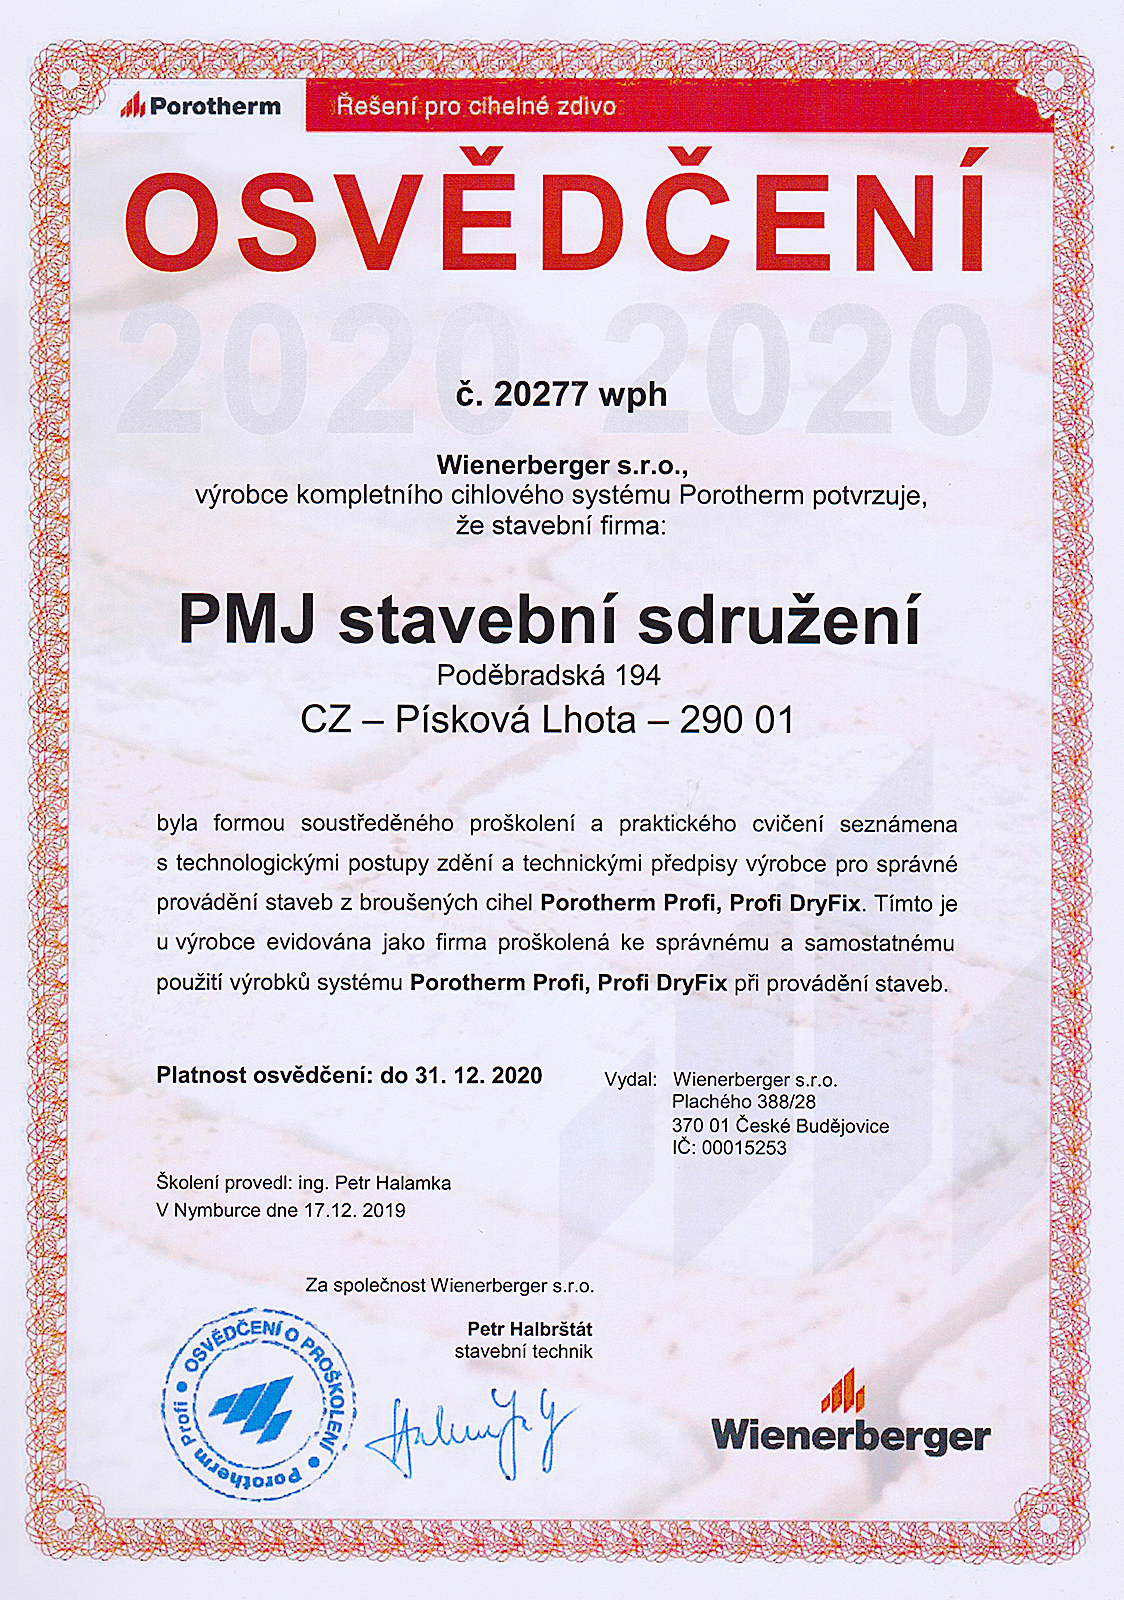 Osvědčení Wienerberger - PMJ stavební sdružení - pro správné provádění staveb z broušených cihel Porotherm Profi, Profi DryFix